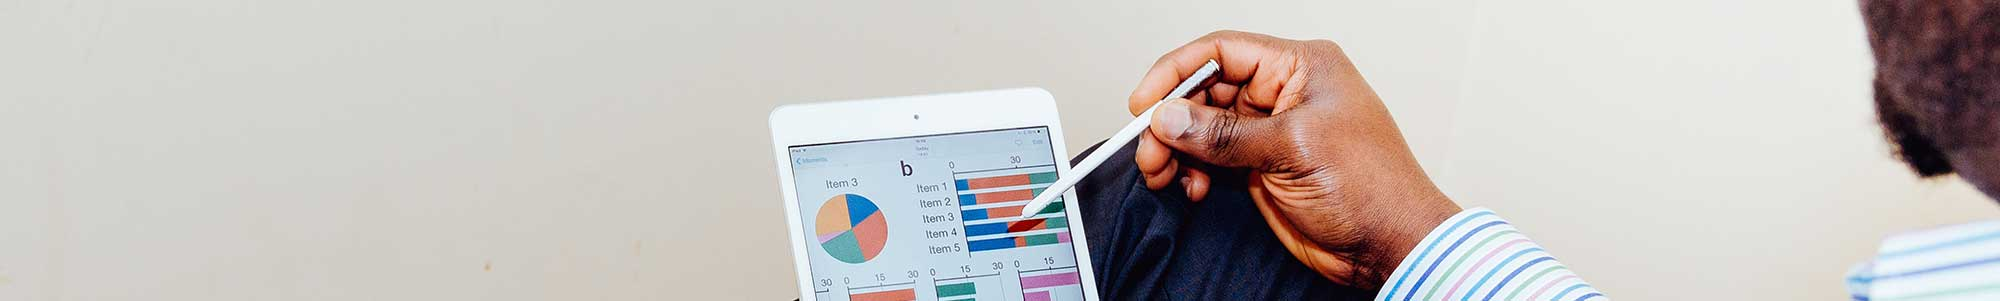 Afbeelding van een man die met een stylus op een tablet grafieken bekijkt en aanklikt